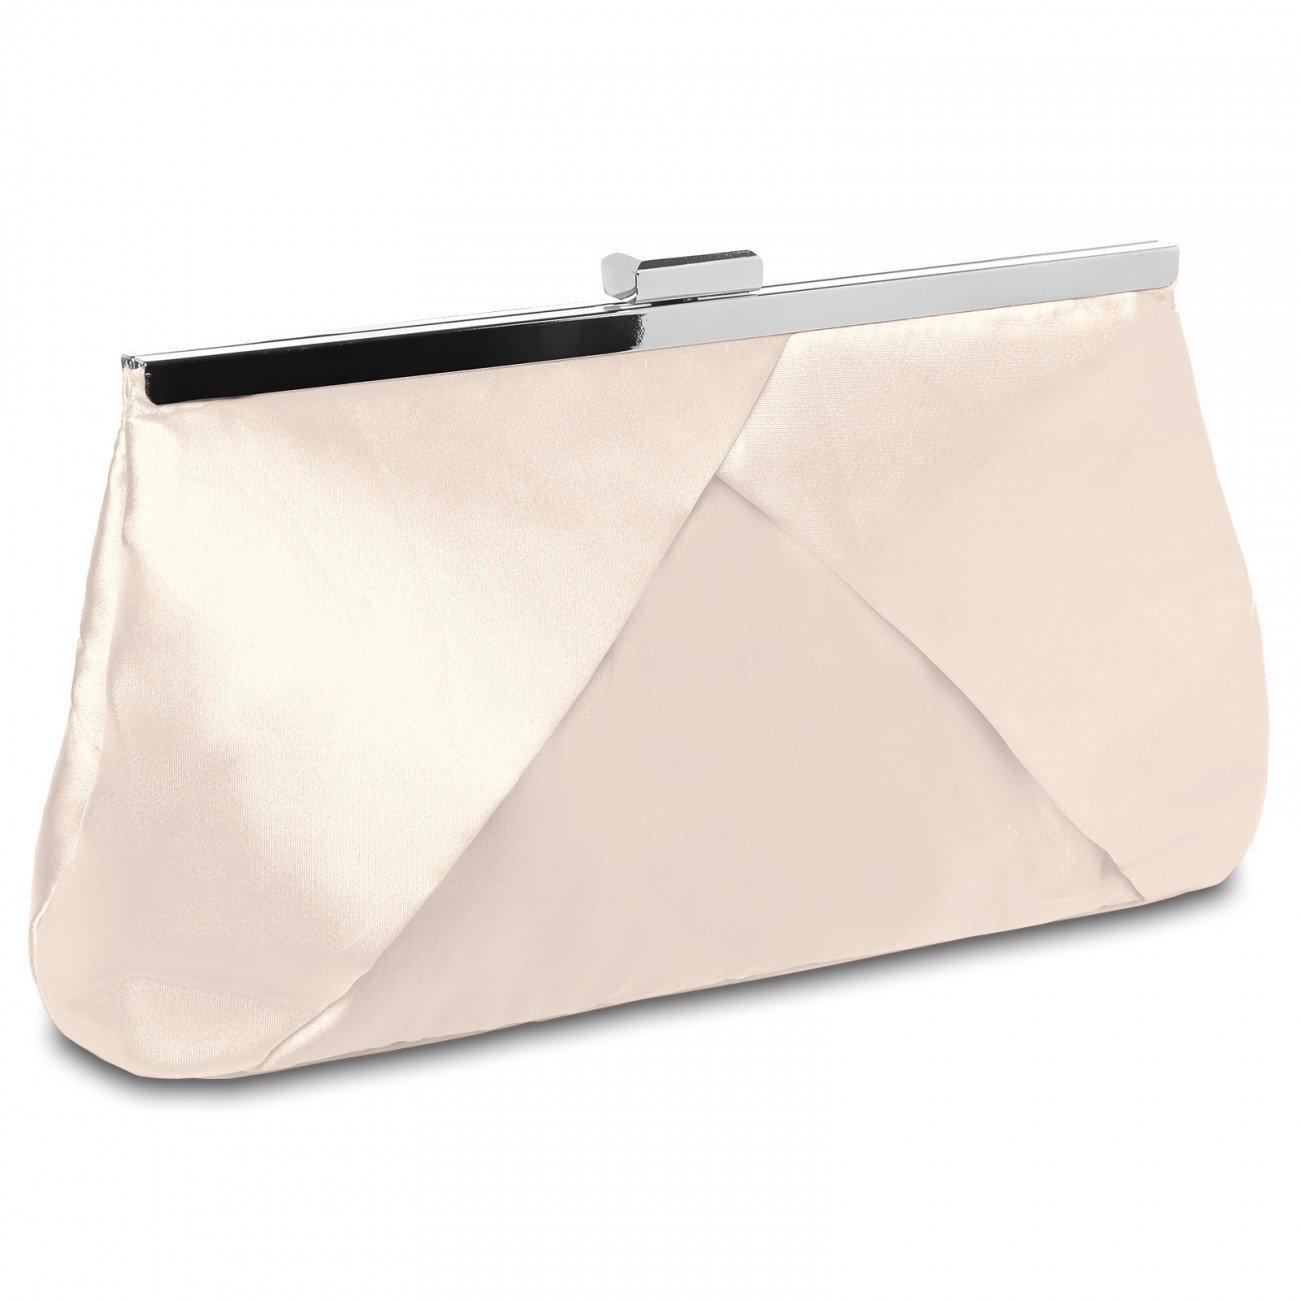 rosso forma rossetto borse da sera borse frizione borsa banchetto depoca TOOGOO Donne acrilico nero